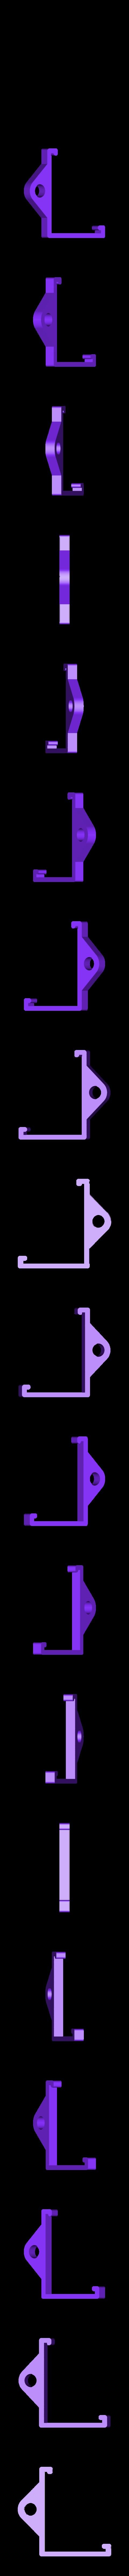 Anycubic_I3_Mega_Filamentrollenhalter-HalterungOben.stl Download free STL file Anycubic I3 Mega Spool Holder • 3D print object, dede67